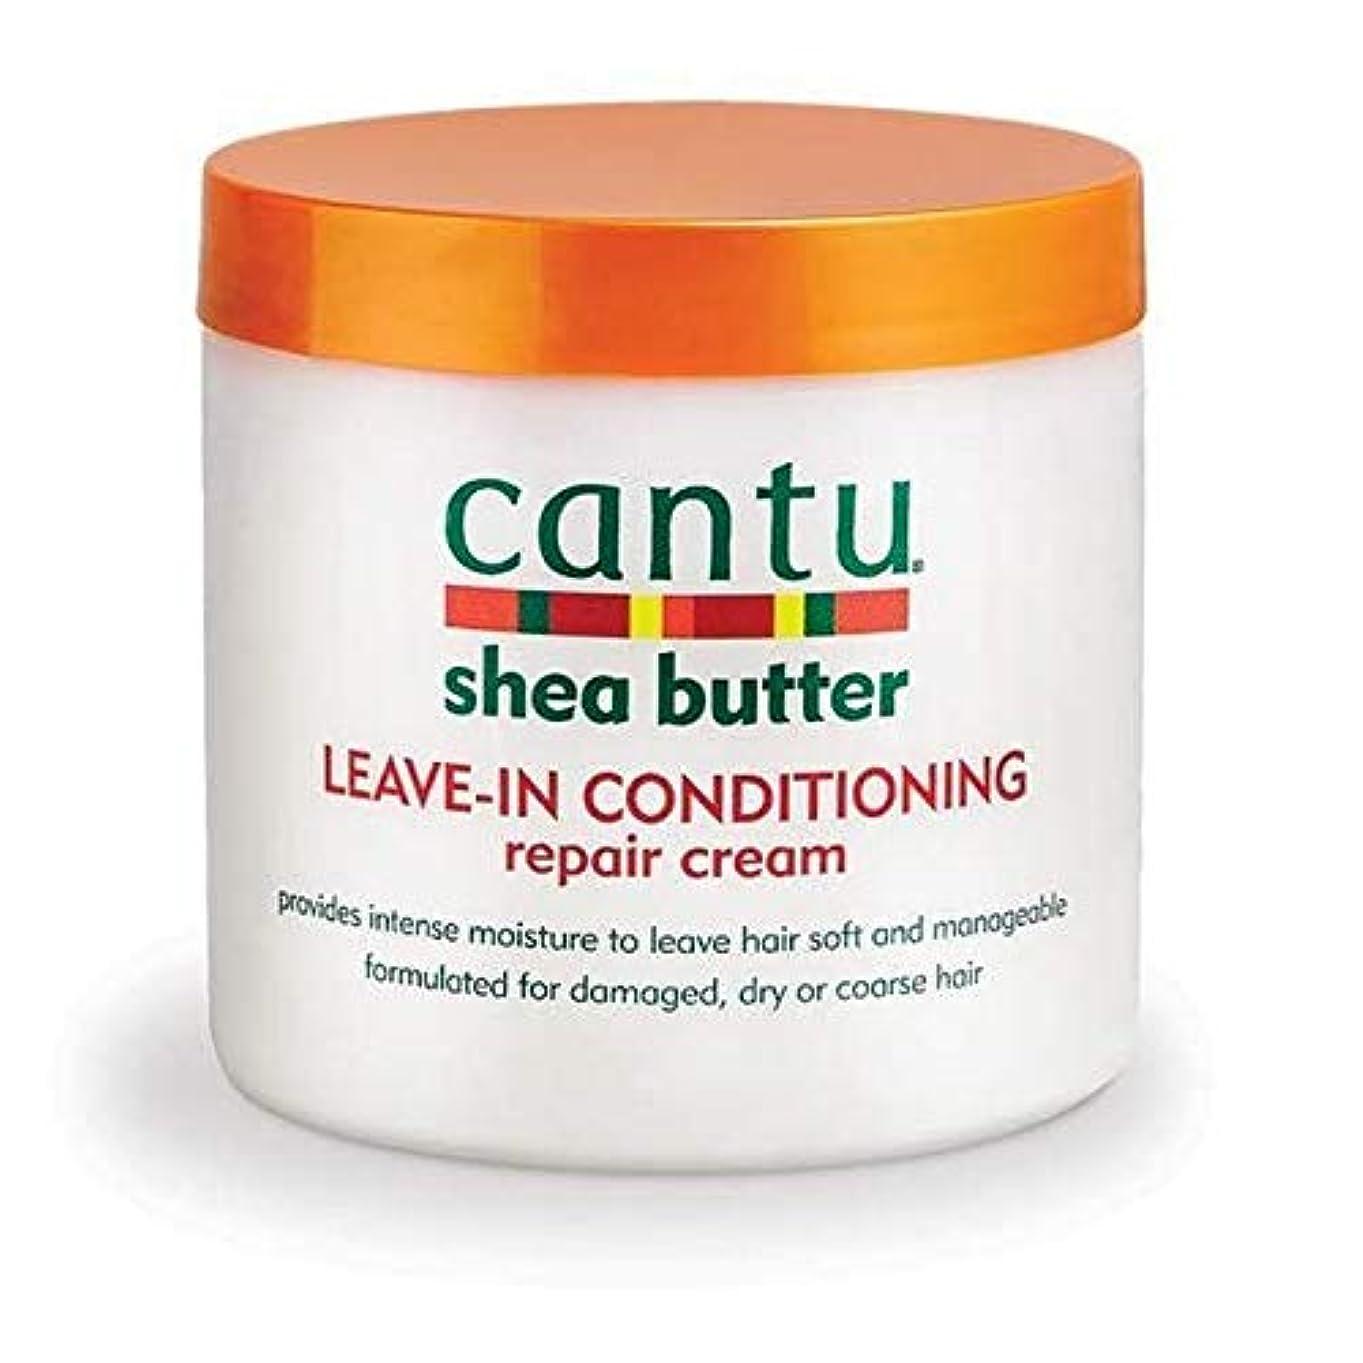 不適六逆[Cantu ] エアコン修理クリーム453グラムでカントゥシアバター休暇 - Cantu Shea Butter Leave in Conditioning Repair Cream 453g [並行輸入品]